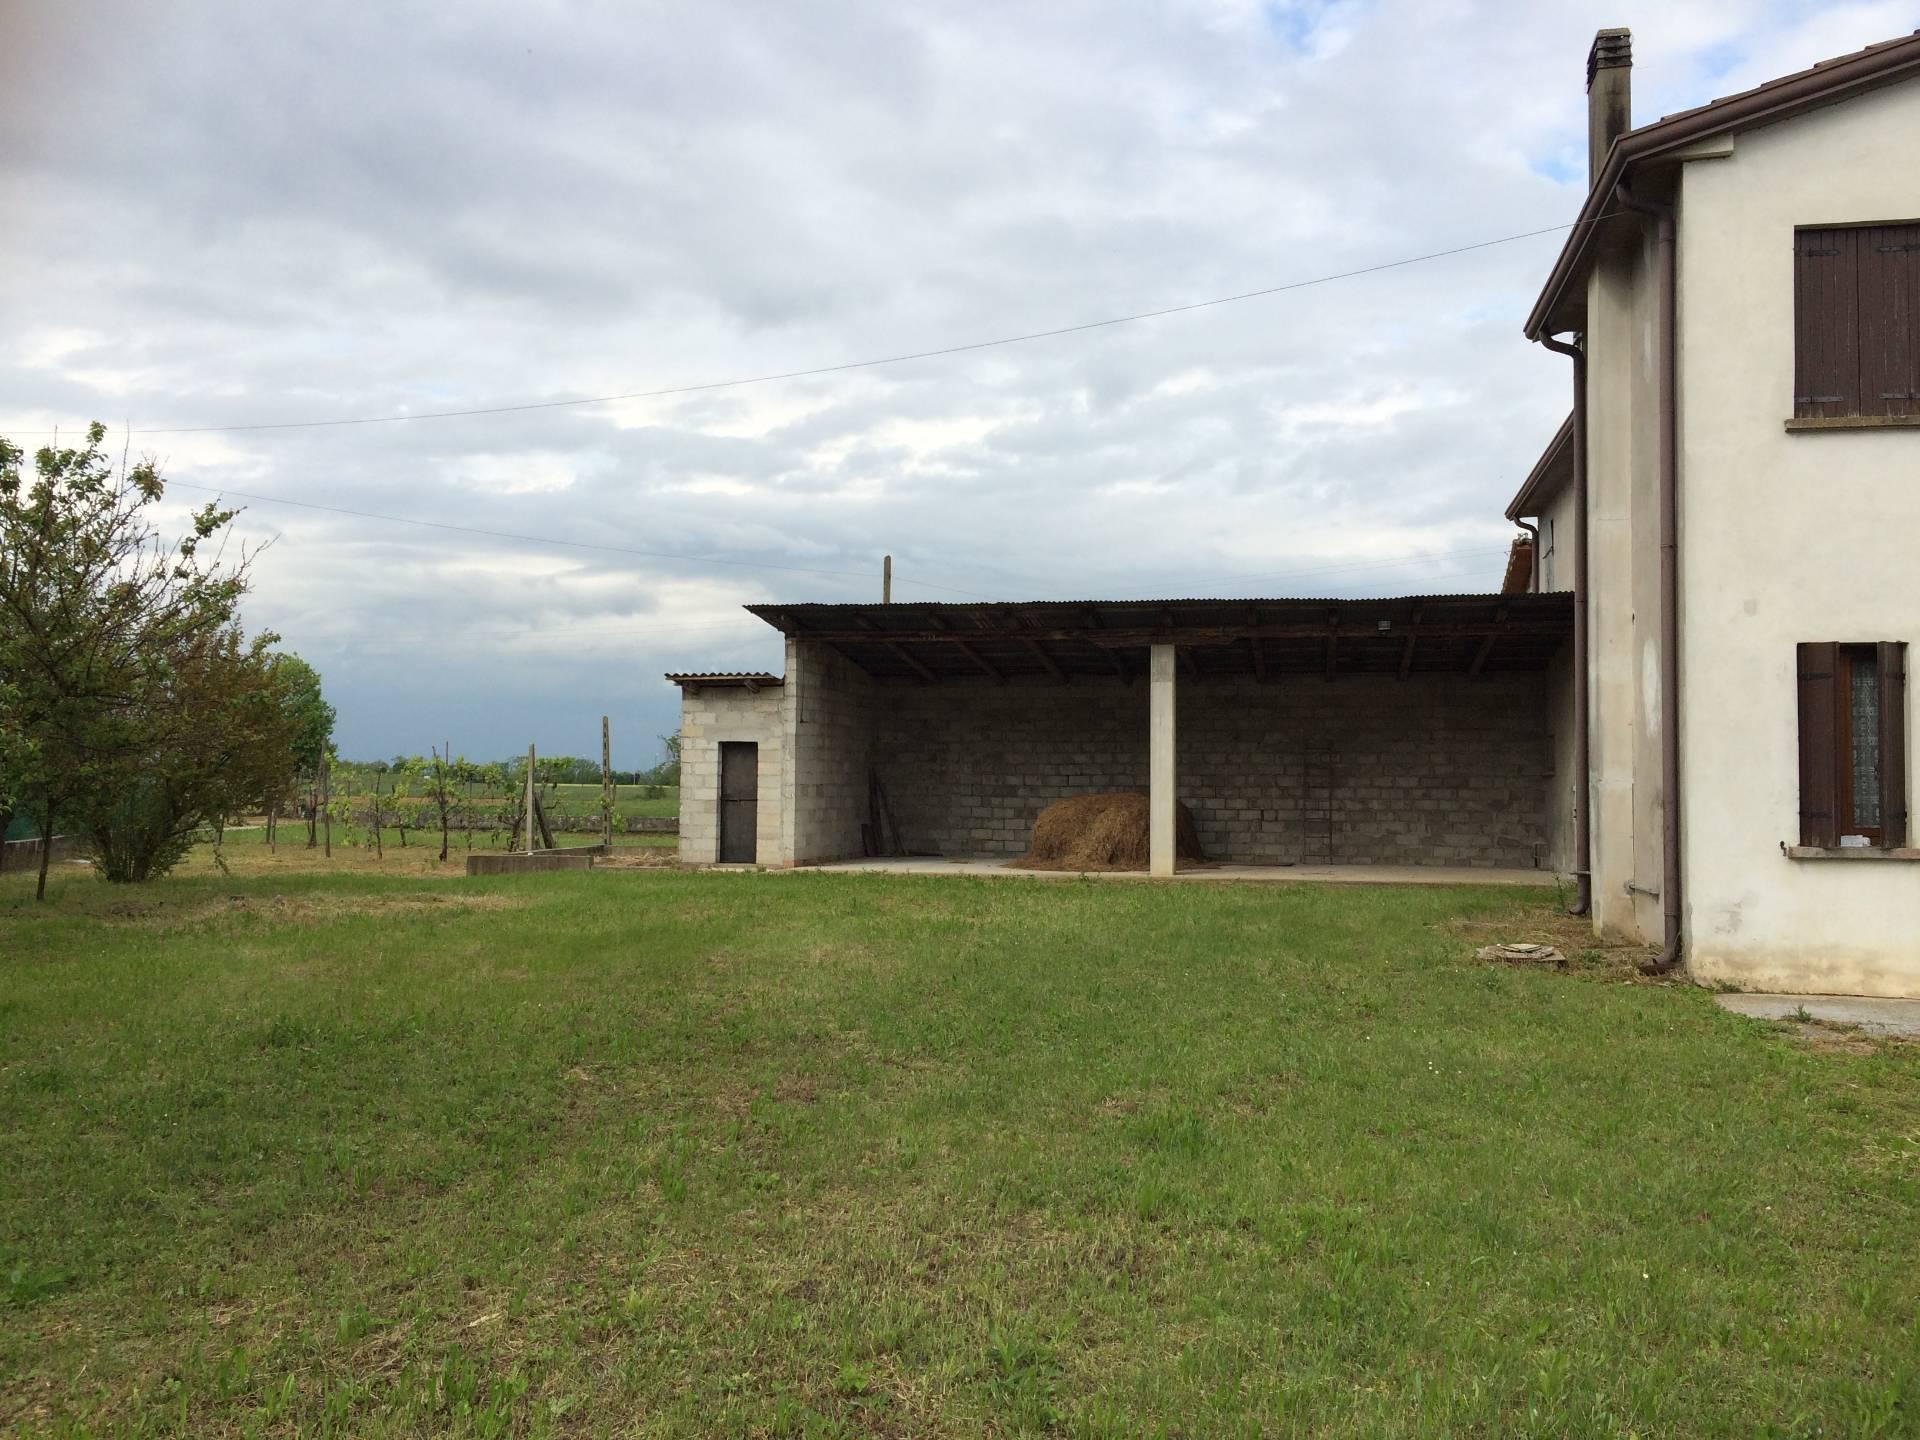 Rustico / Casale in vendita a Paese, 12 locali, zona Zona: Postioma, prezzo € 220.000 | Cambio Casa.it